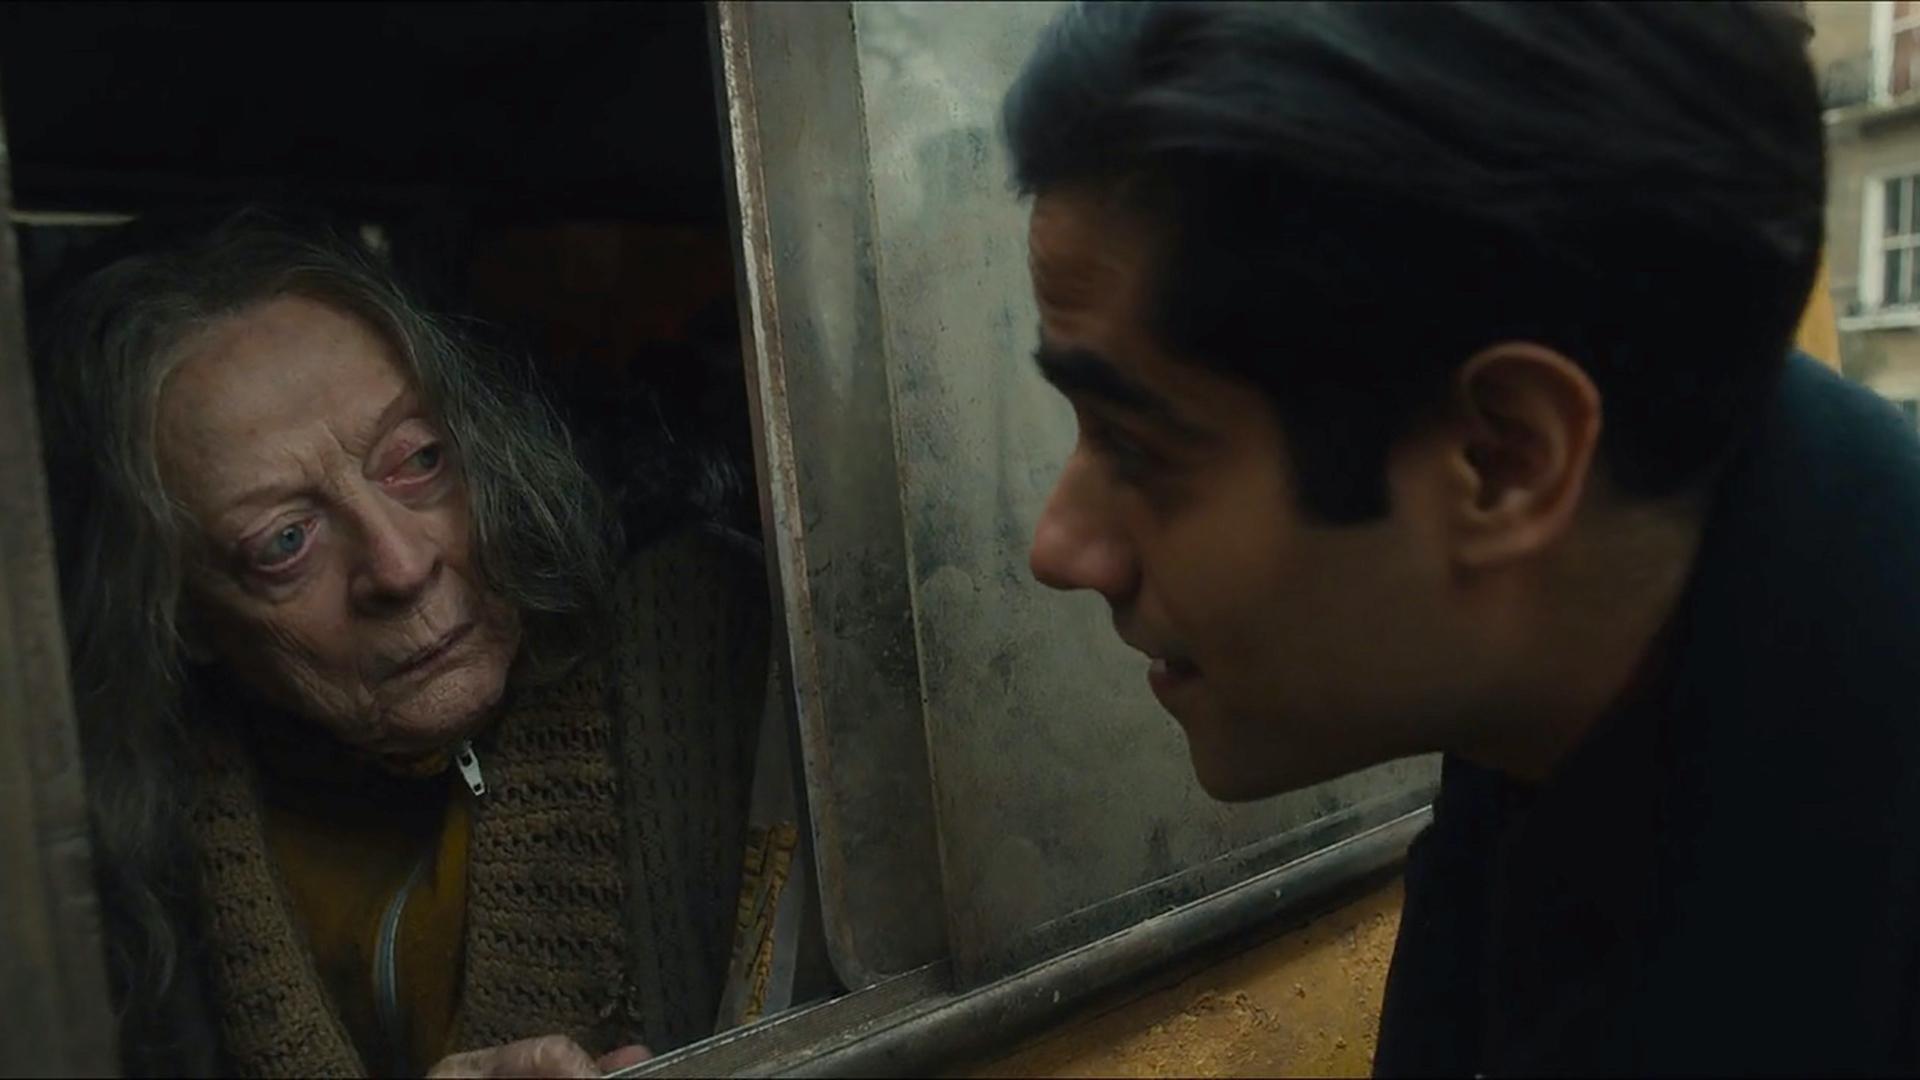 【何止电影·A站独家】又挖到一部冷门佳片!这个住在货车里的老太太,让全世界都心疼了《住货车的女士》